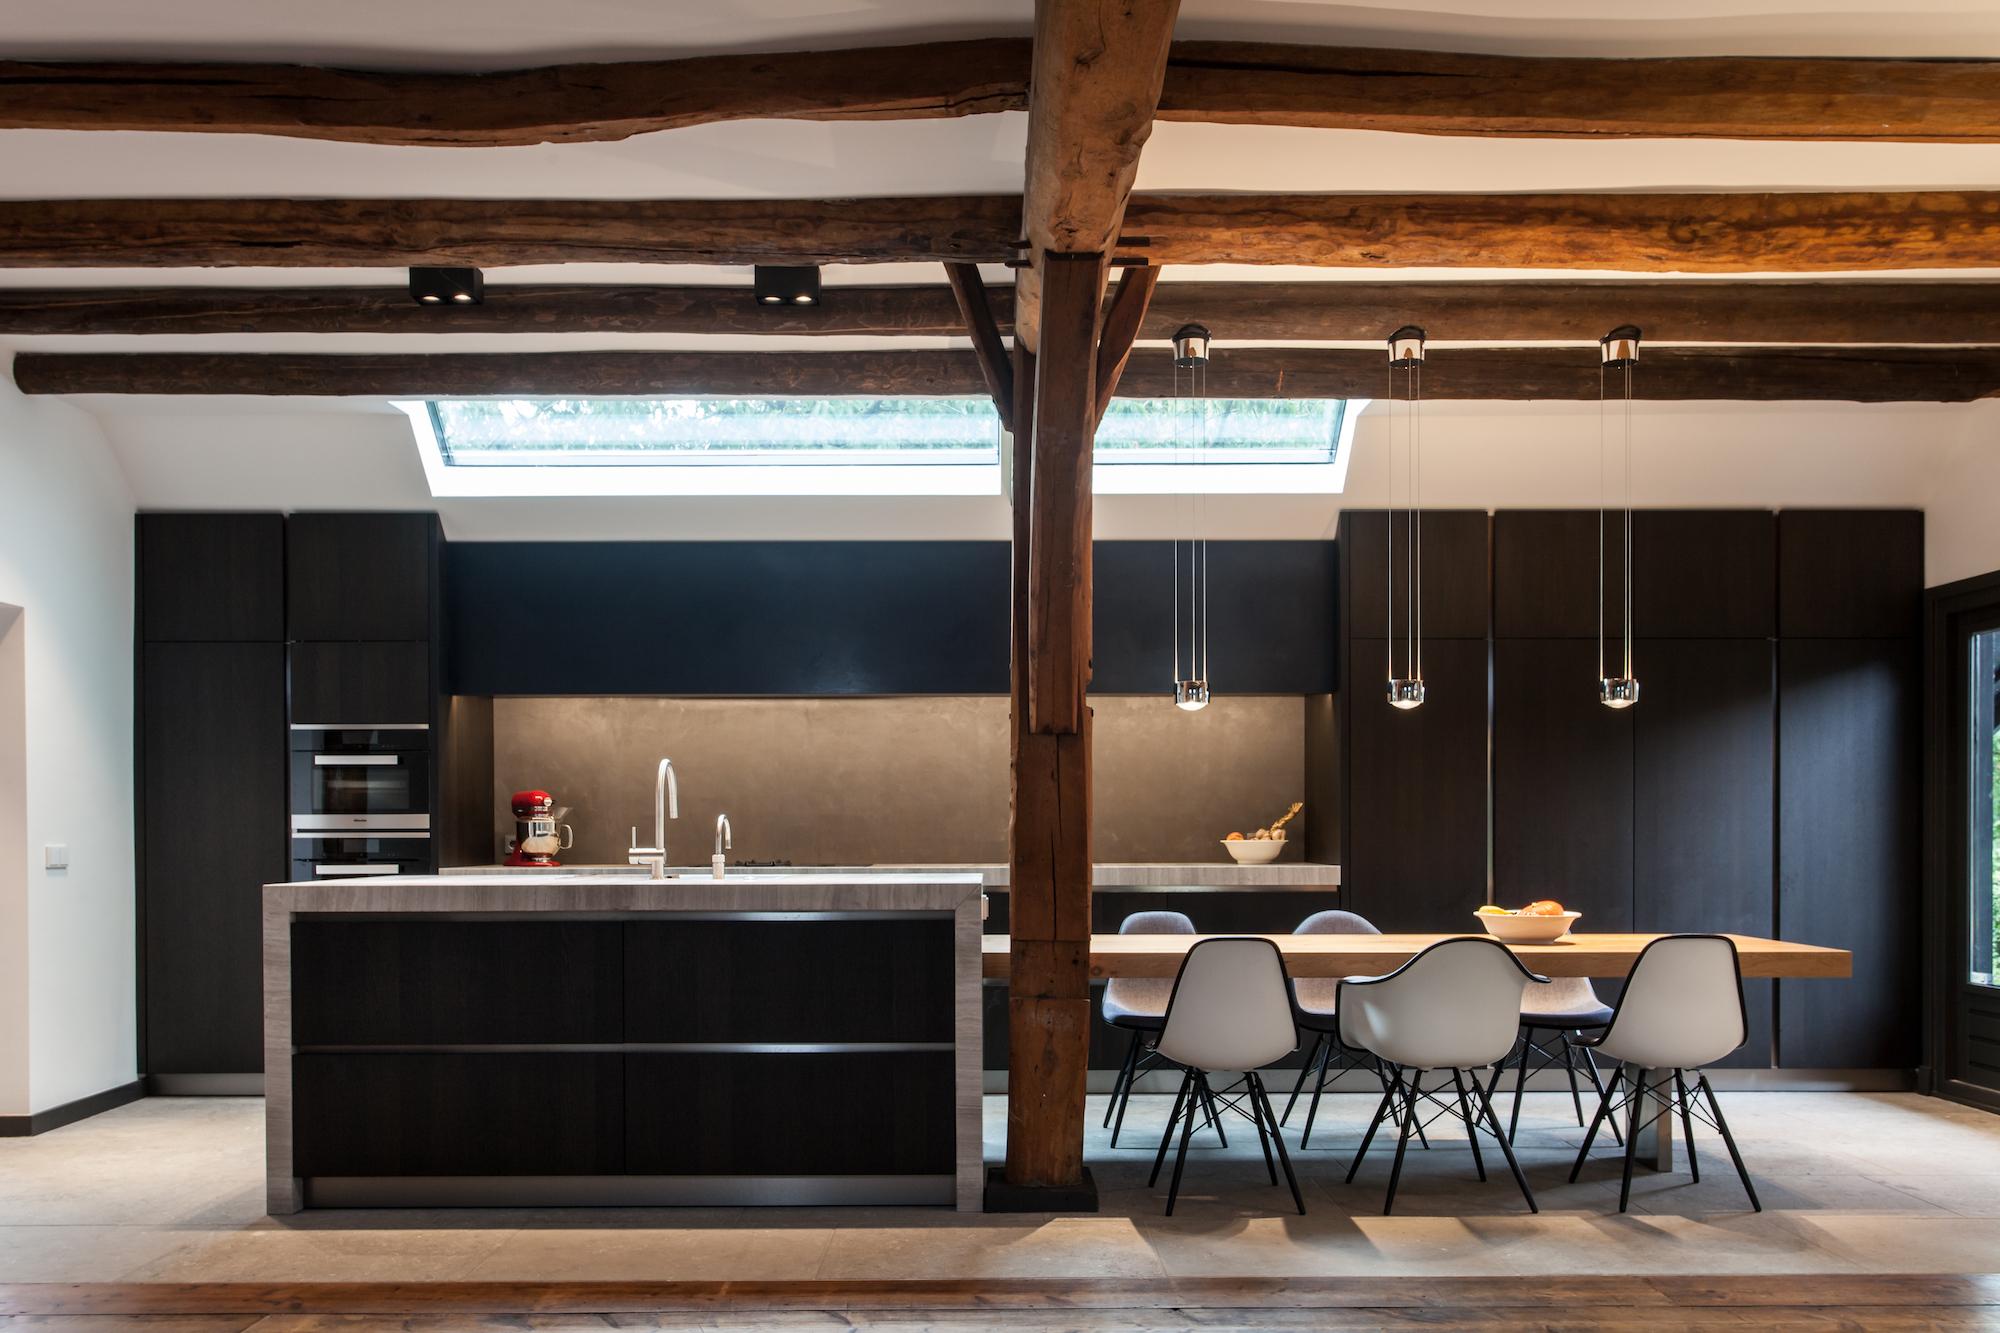 Home Design Keukens : Pjmares design studio